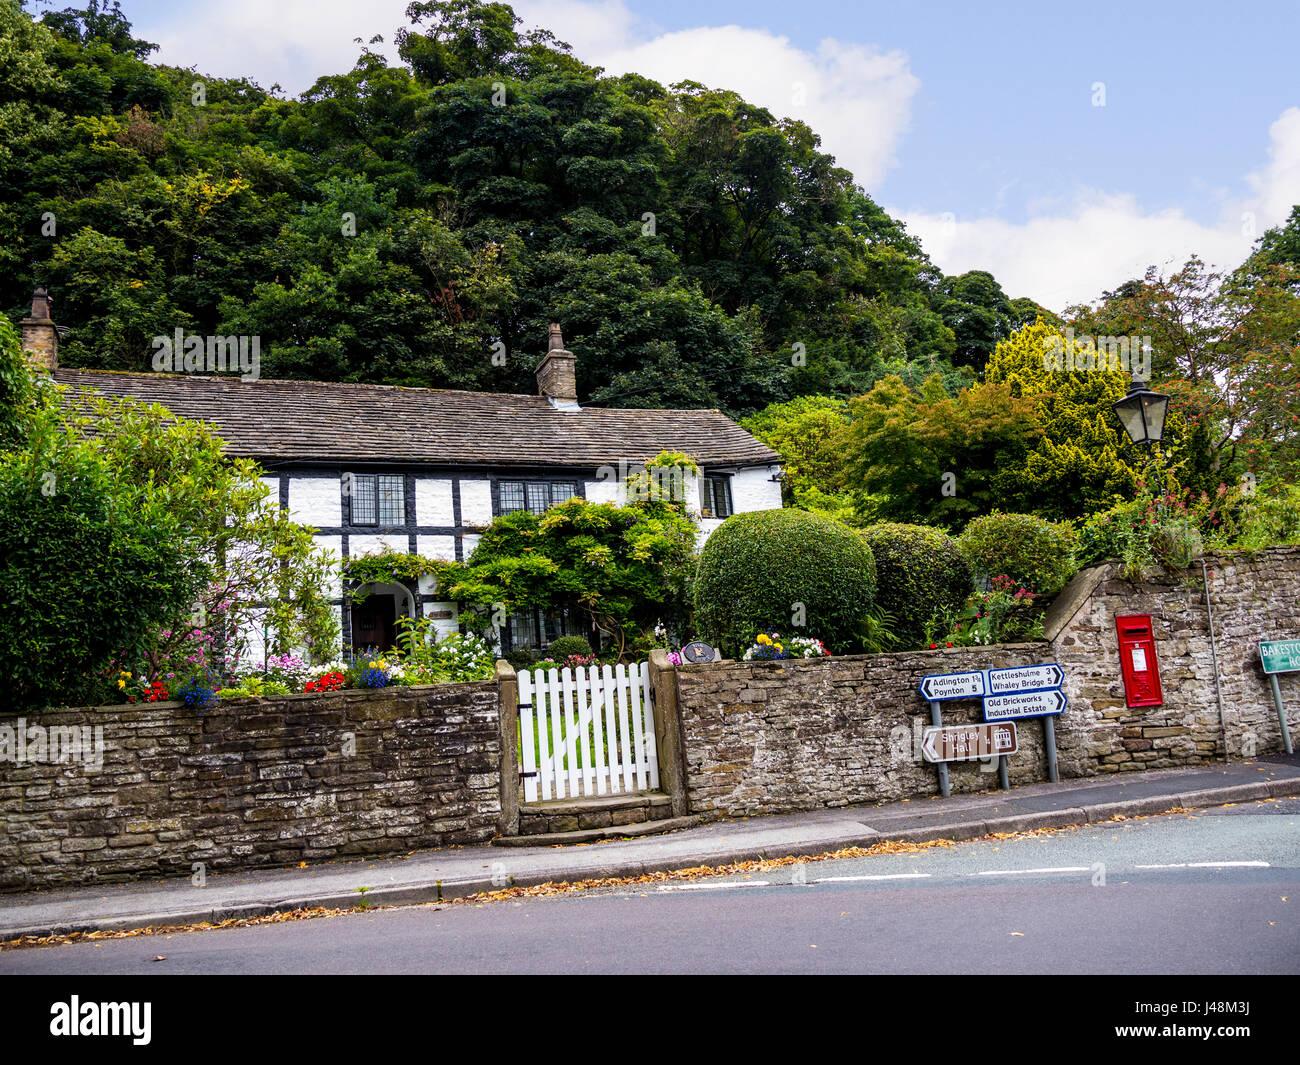 Chalet et Jardin dans le petit village de Pott Shrigley, Cheshire, Angleterre. Banque D'Images